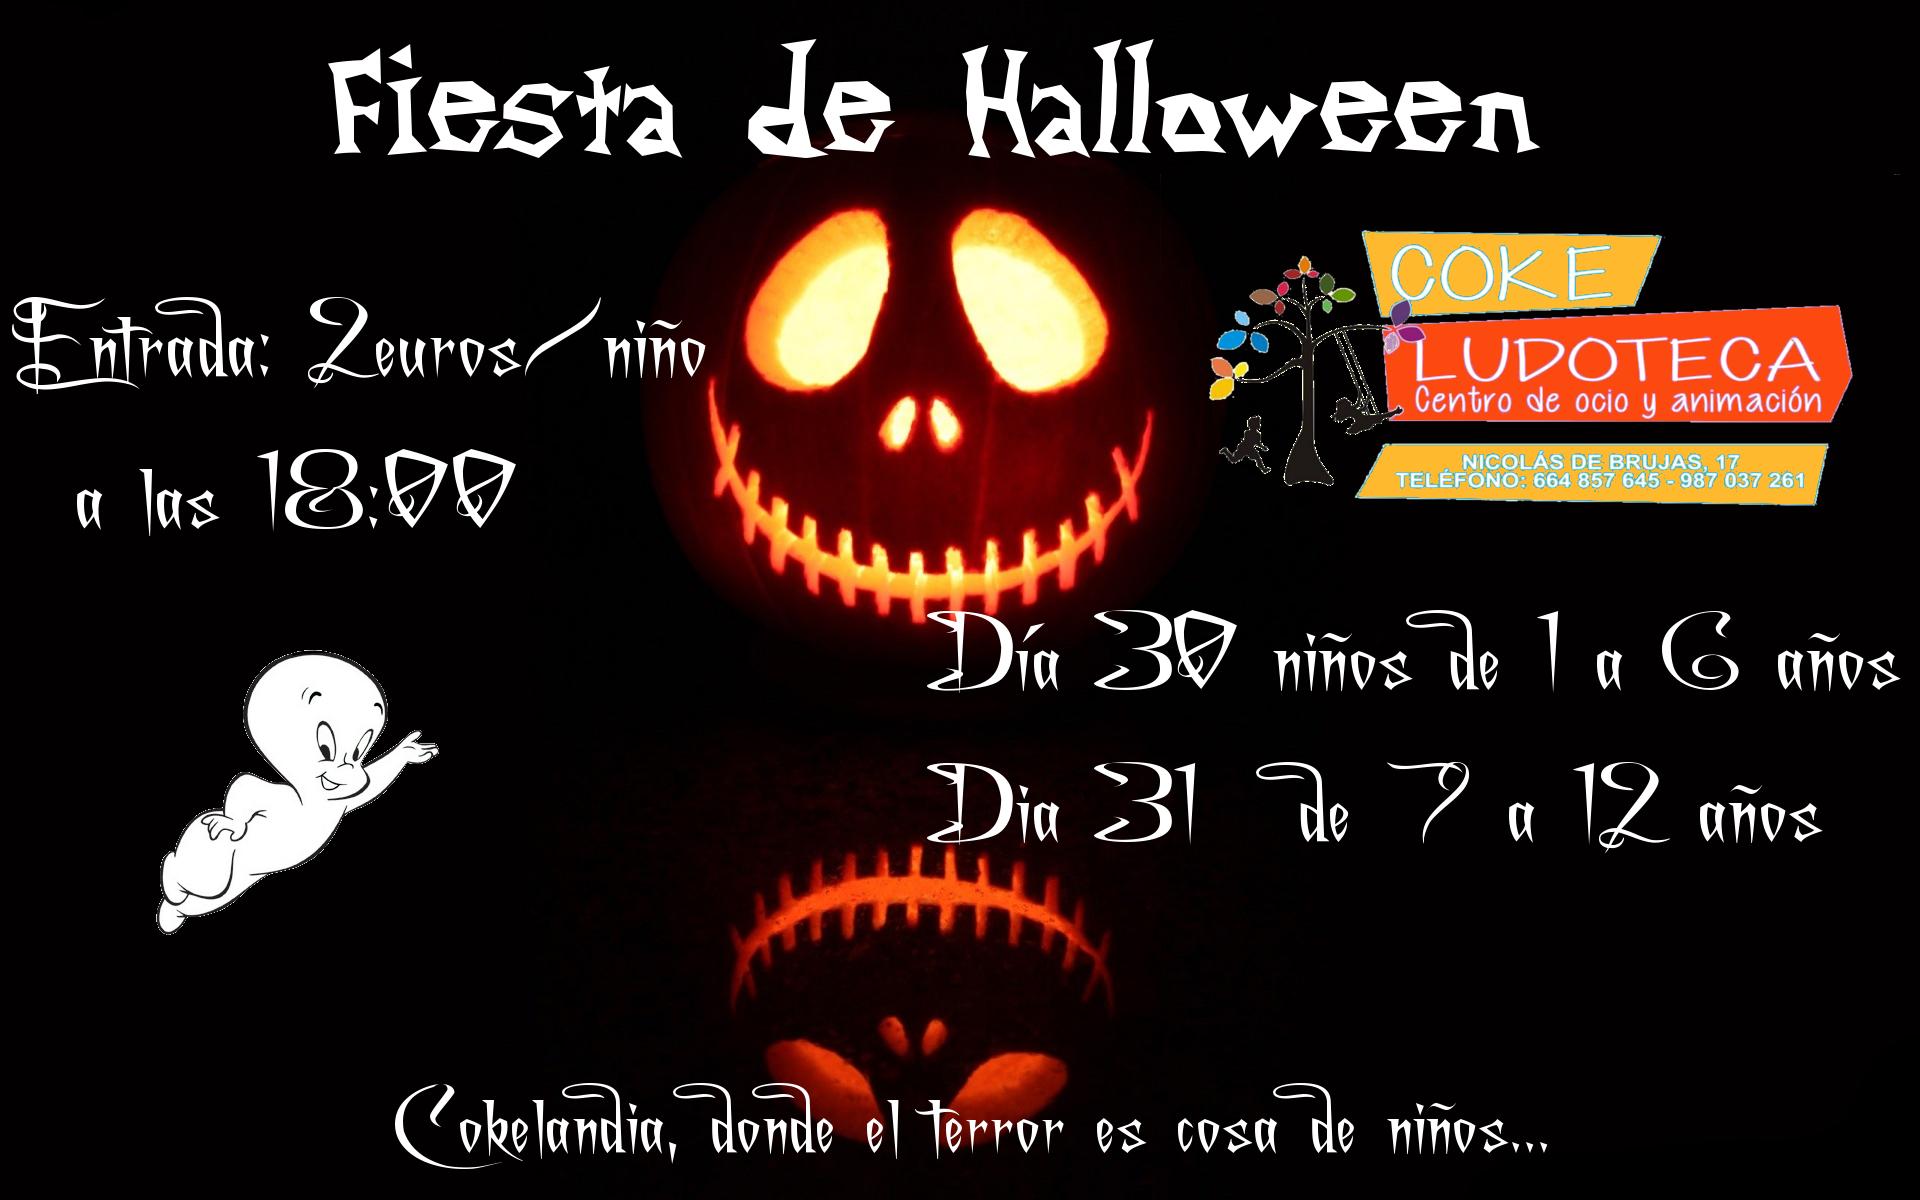 Fiesta Halloween 2017 en Ludoteka Coke 2